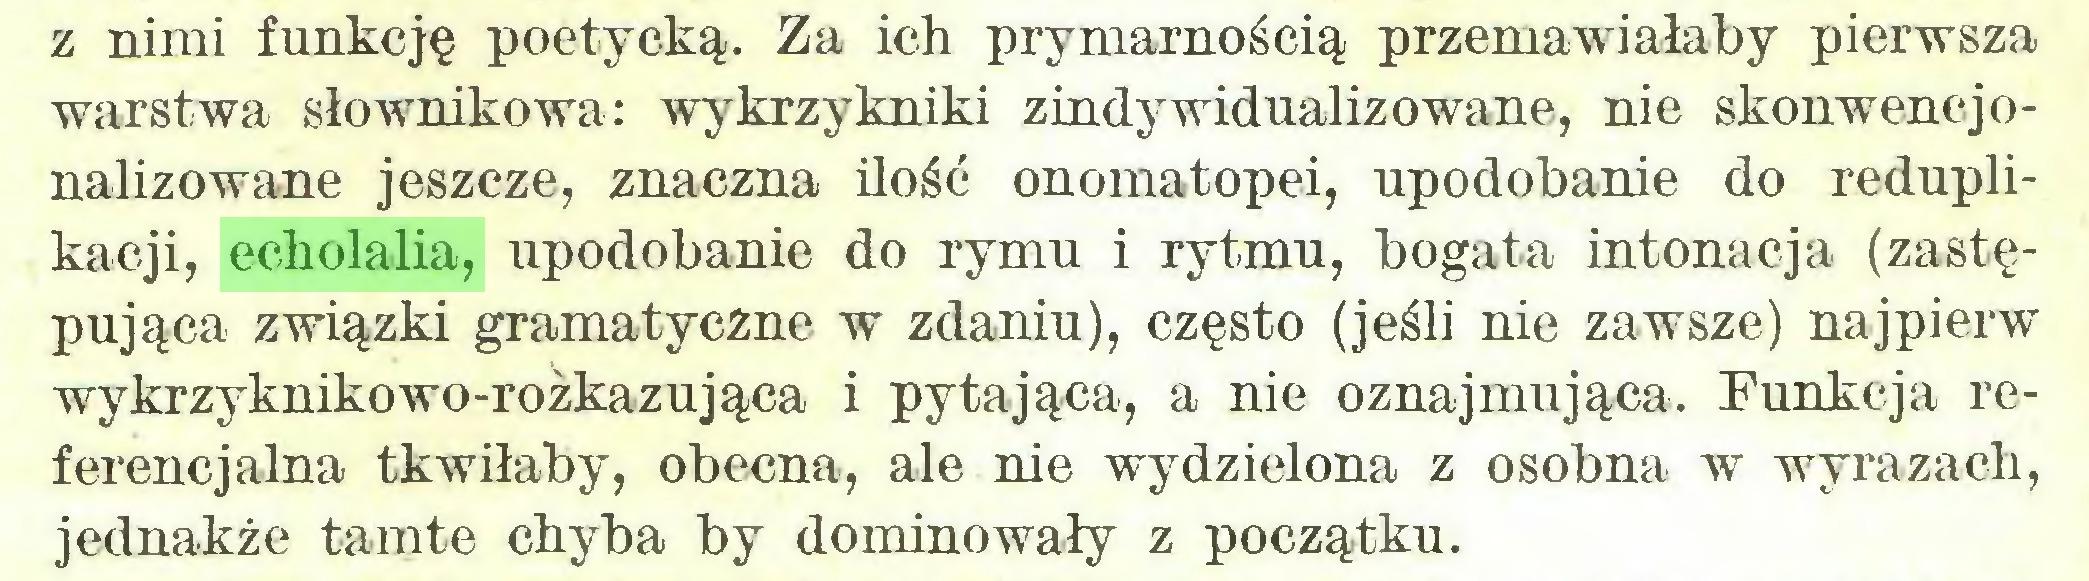 (...) z nimi funkcję poetycką. Za ich prymarnością przemawiałaby pierwsza warstwa słownikowa: wykrzykniki zindywidualizowane, nie skonwencjonalizowane jeszcze, znaczna ilość onomatopei, upodobanie do reduplikacji, echolalia, upodobanie do rymu i rytmu, bogata intonacja (zastępująca związki gramatyczne w zdaniu), często (jeśli nie zawsze) najpierw wykrzyknikowo-rożkazująca i pytająca, a nie oznajmująca. Funkcja referencjalna tkwiłaby, obecna, ale nie wydzielona z osobna w wyrazach, jednakże tamte chyba by dominowały z początku...